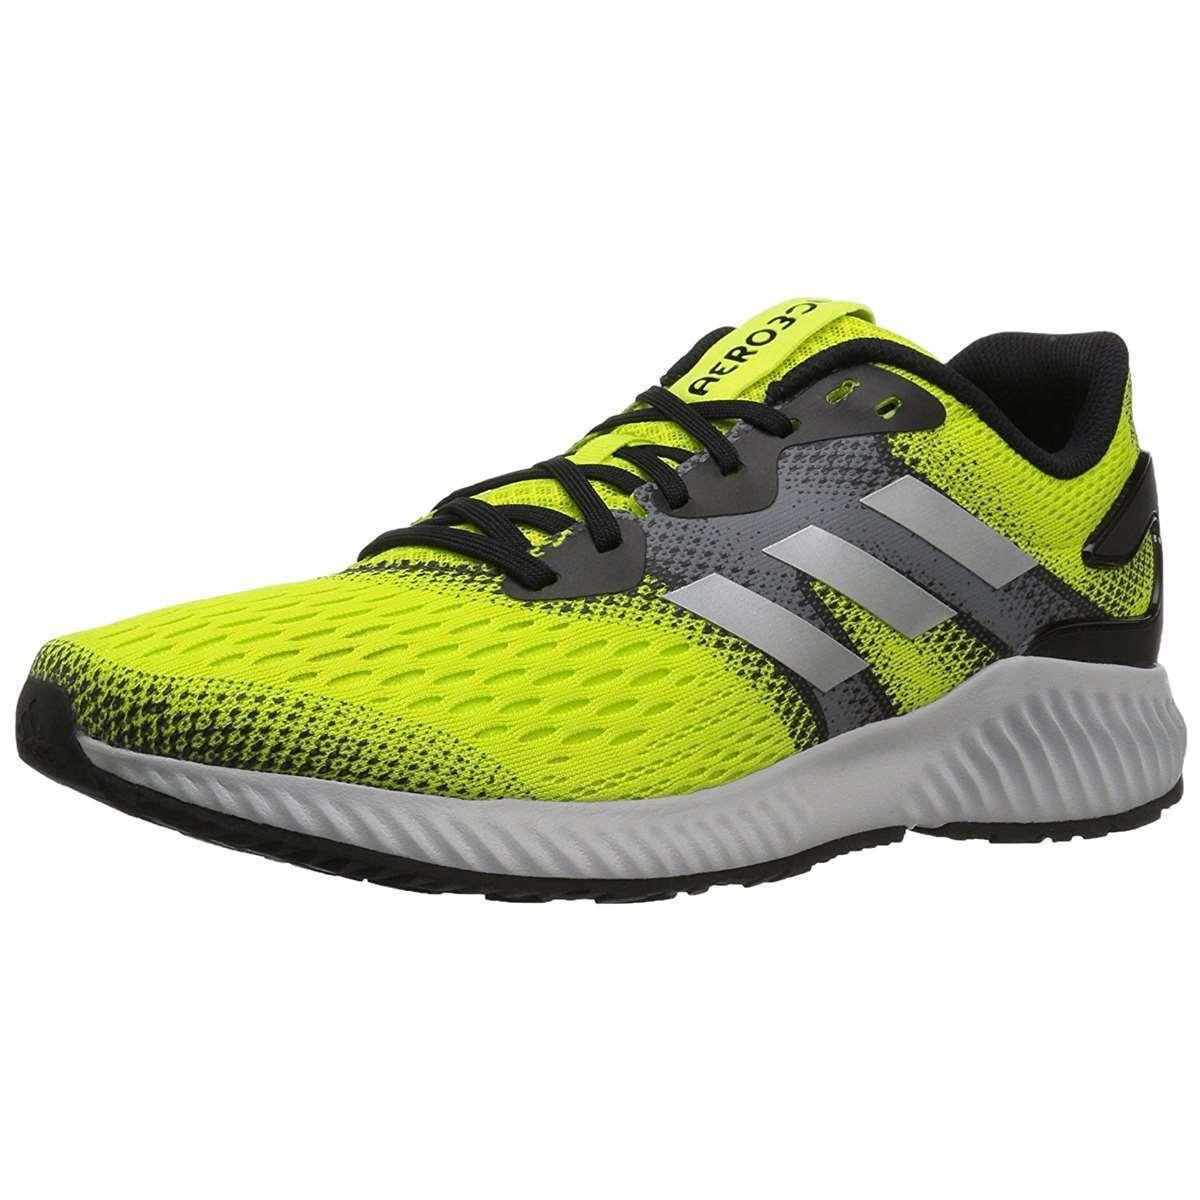 Adidas männer athletic aerobounce m laufschuhe laufschuhe laufschuhe turnschuhe neue core - schwarz / weiß c7a6d7